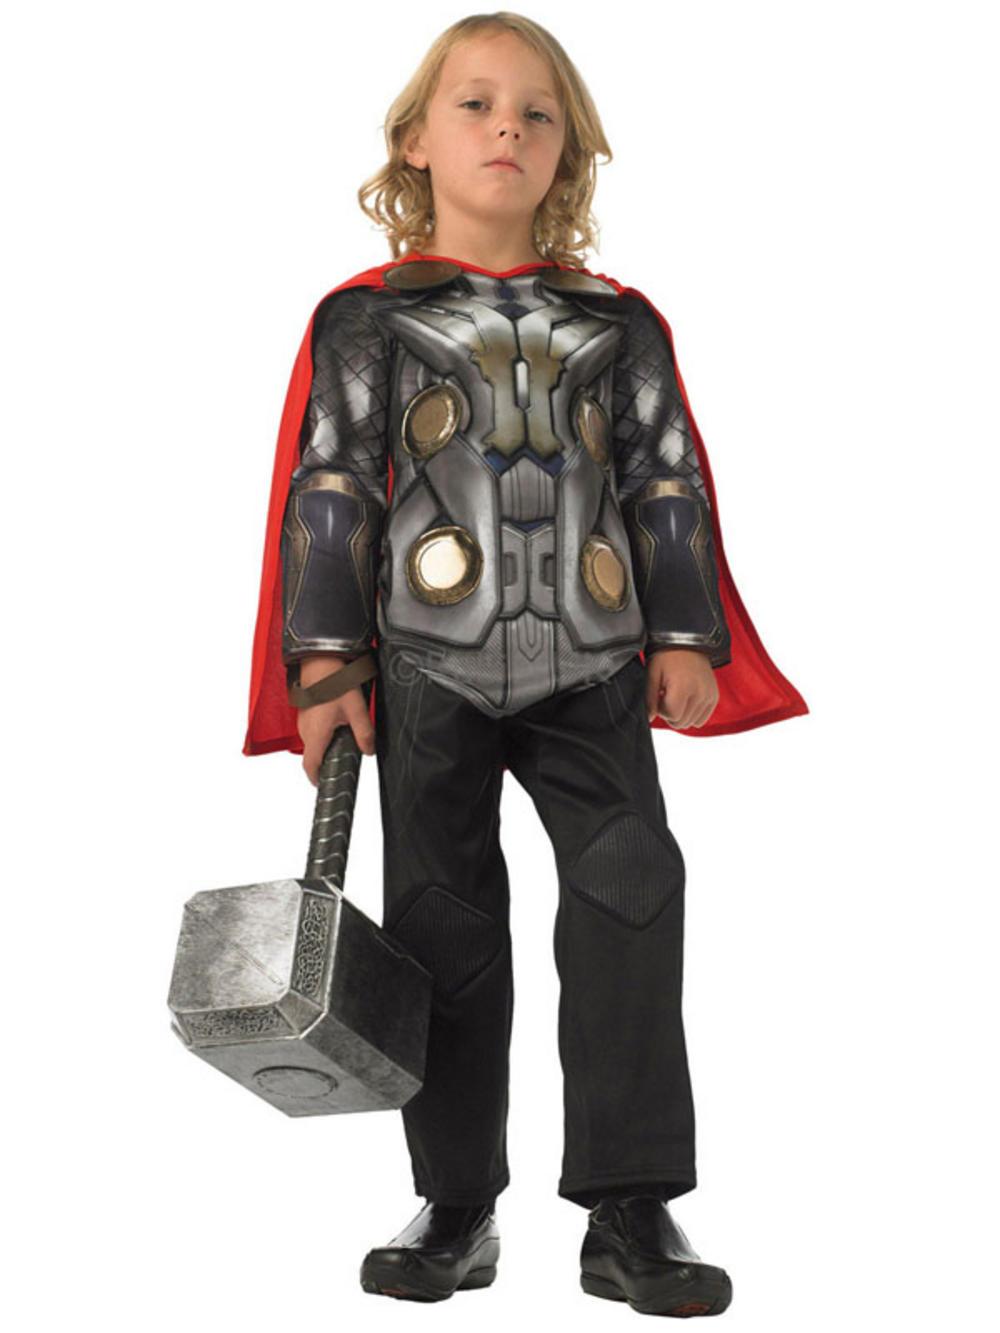 child marvel thor 2 initiative fancy dress costume boys buy child marvel thor 2 initiative deluxe fancy dress costume book week buy